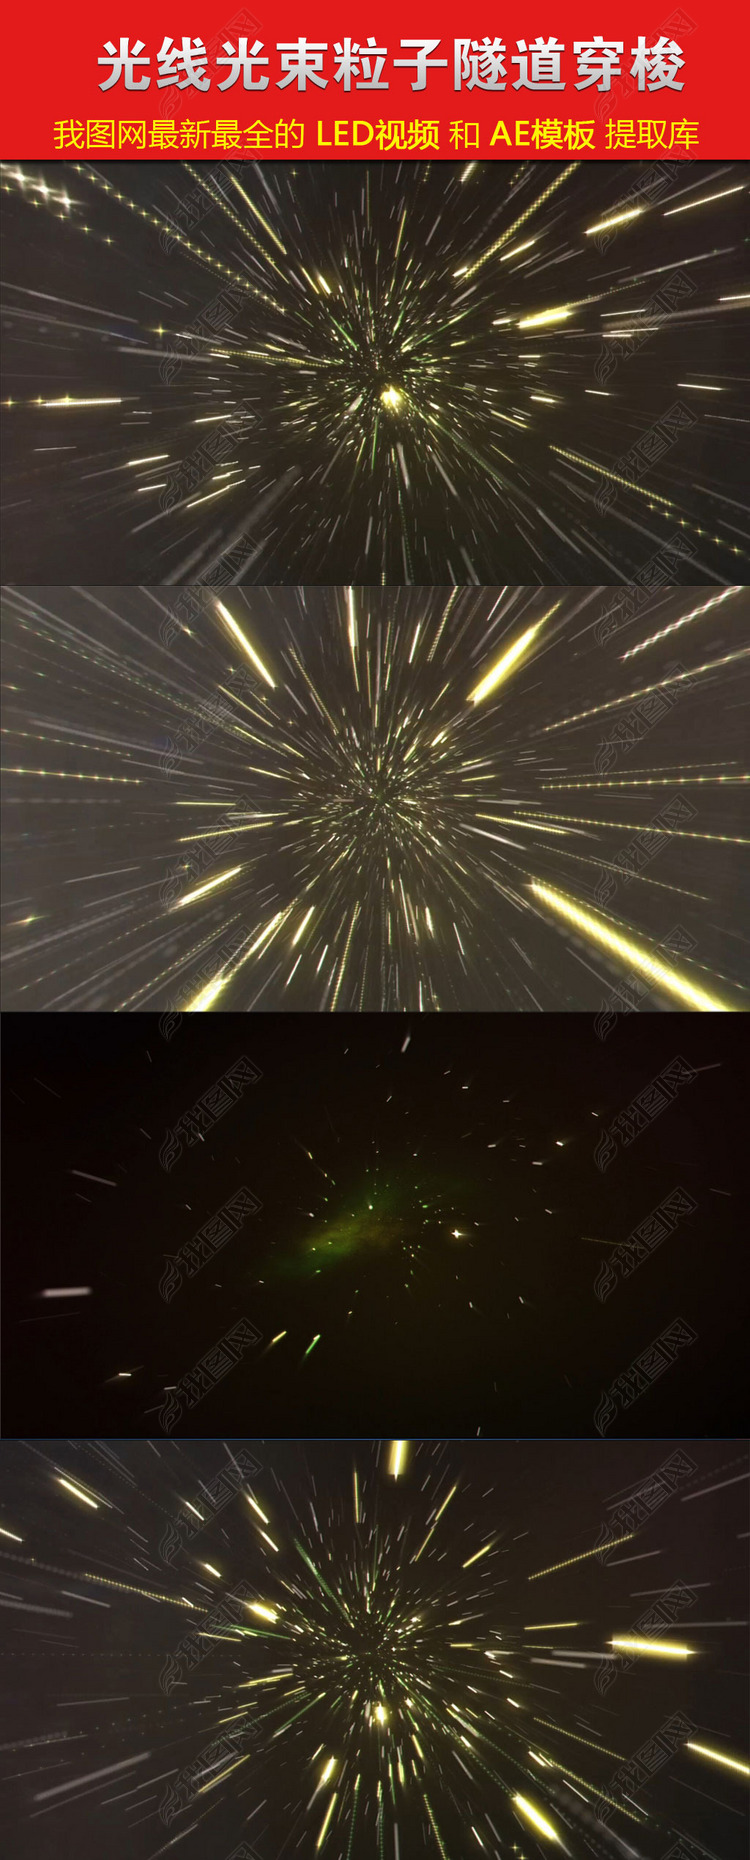 动感光线光束隧道穿梭视频特效素材